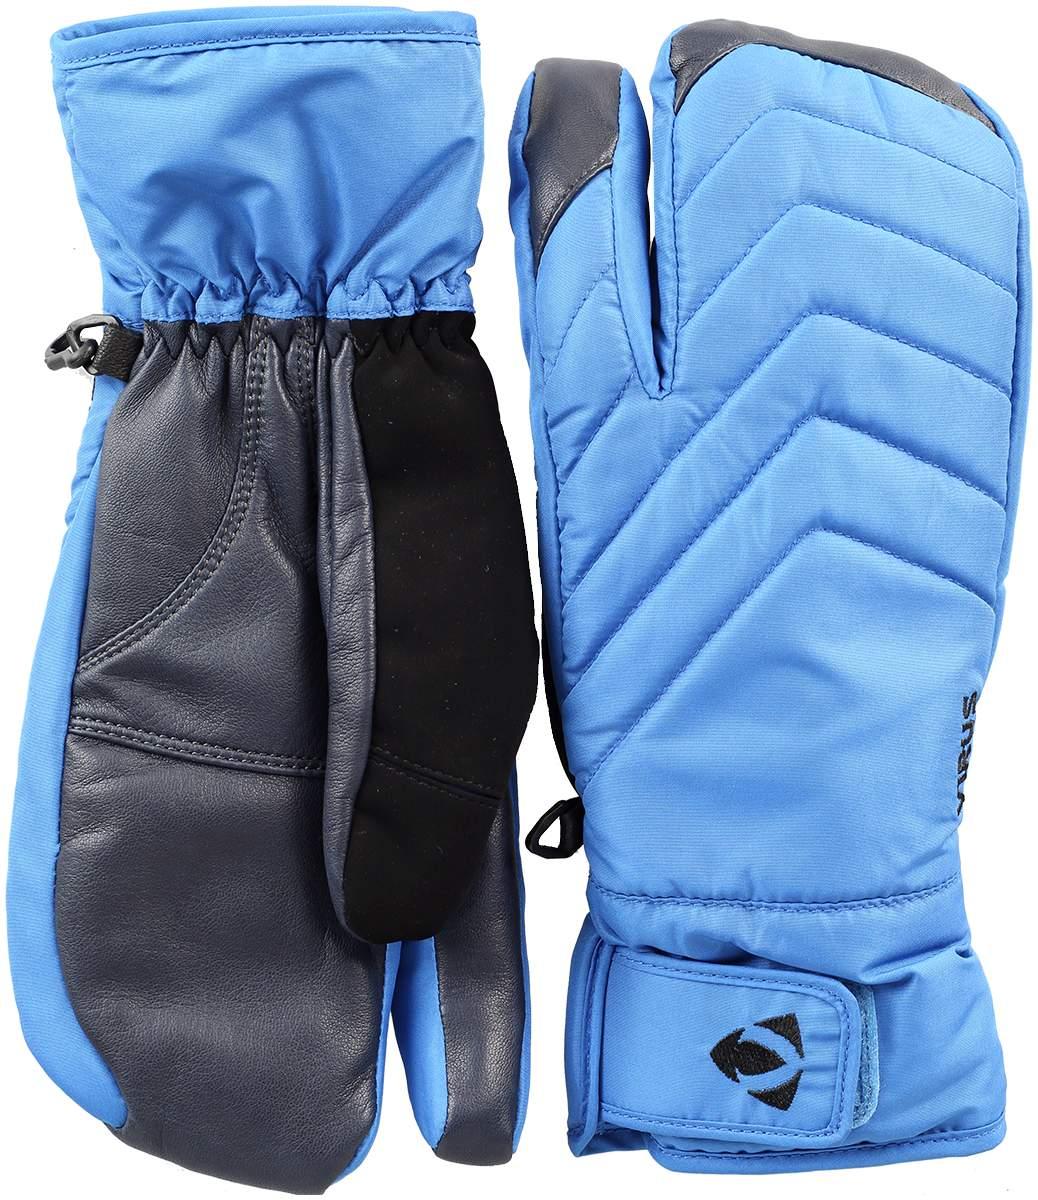 Рукавицы F4Варежки<br>Рукавицы F4 – это «мутация» популярной модели Muzzy. Разделение пальцев делает эту модель больше похожей на рукавицы, что определенно снижает...<br><br>Цвет: Синий<br>Размер: XS